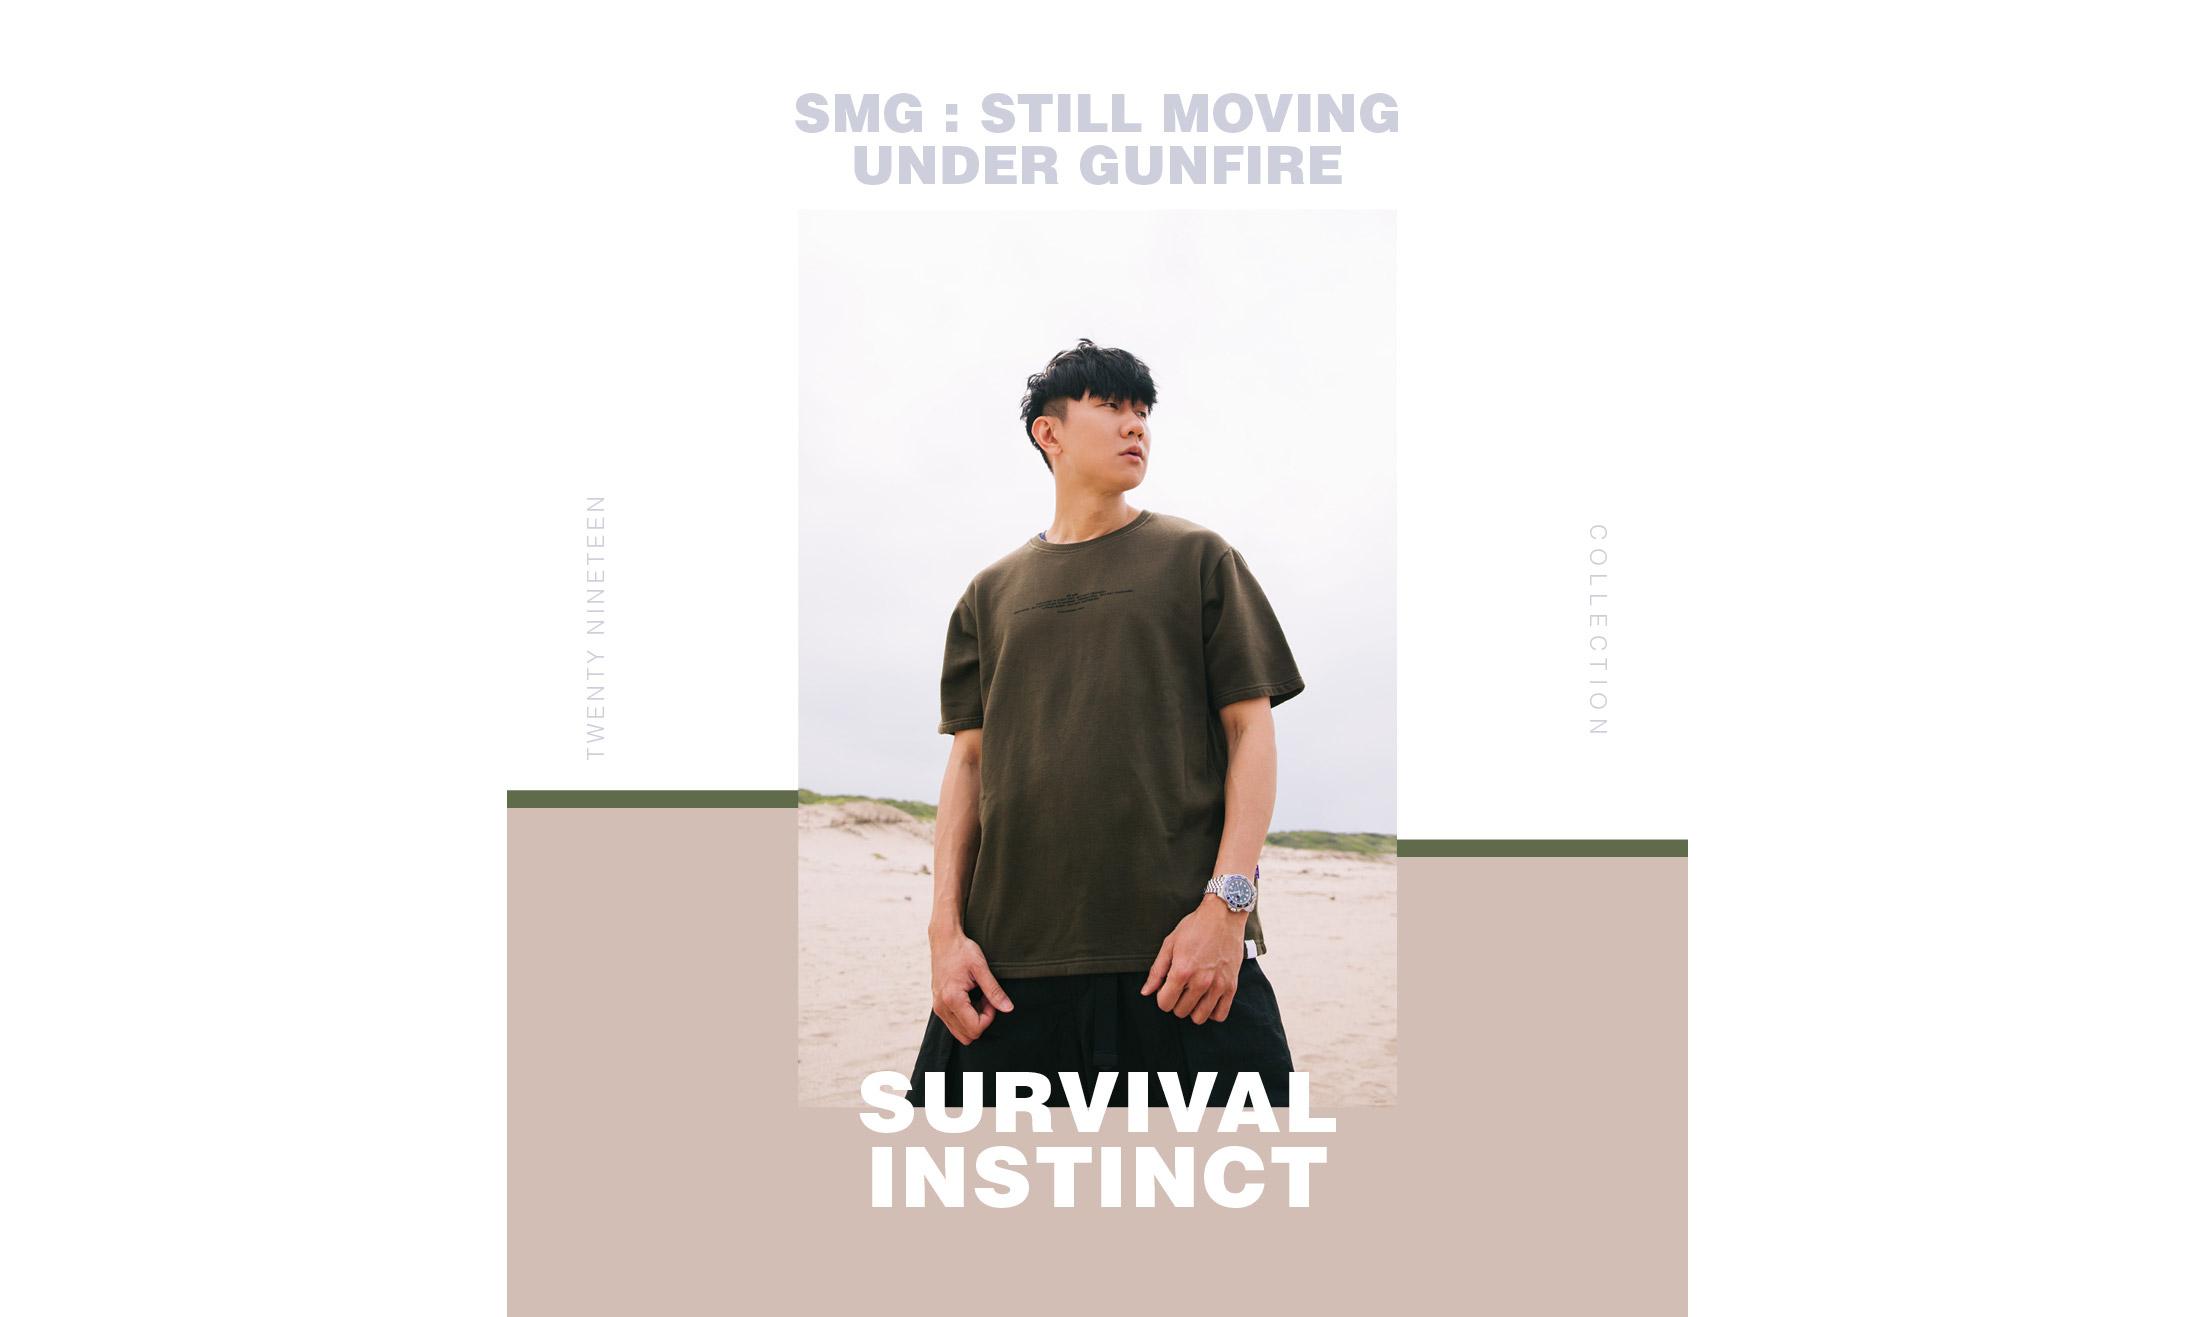 """林俊杰示范,SMG 2019 春夏 """"SURVIVAL INSTINCT"""" 系列造型特辑释出"""